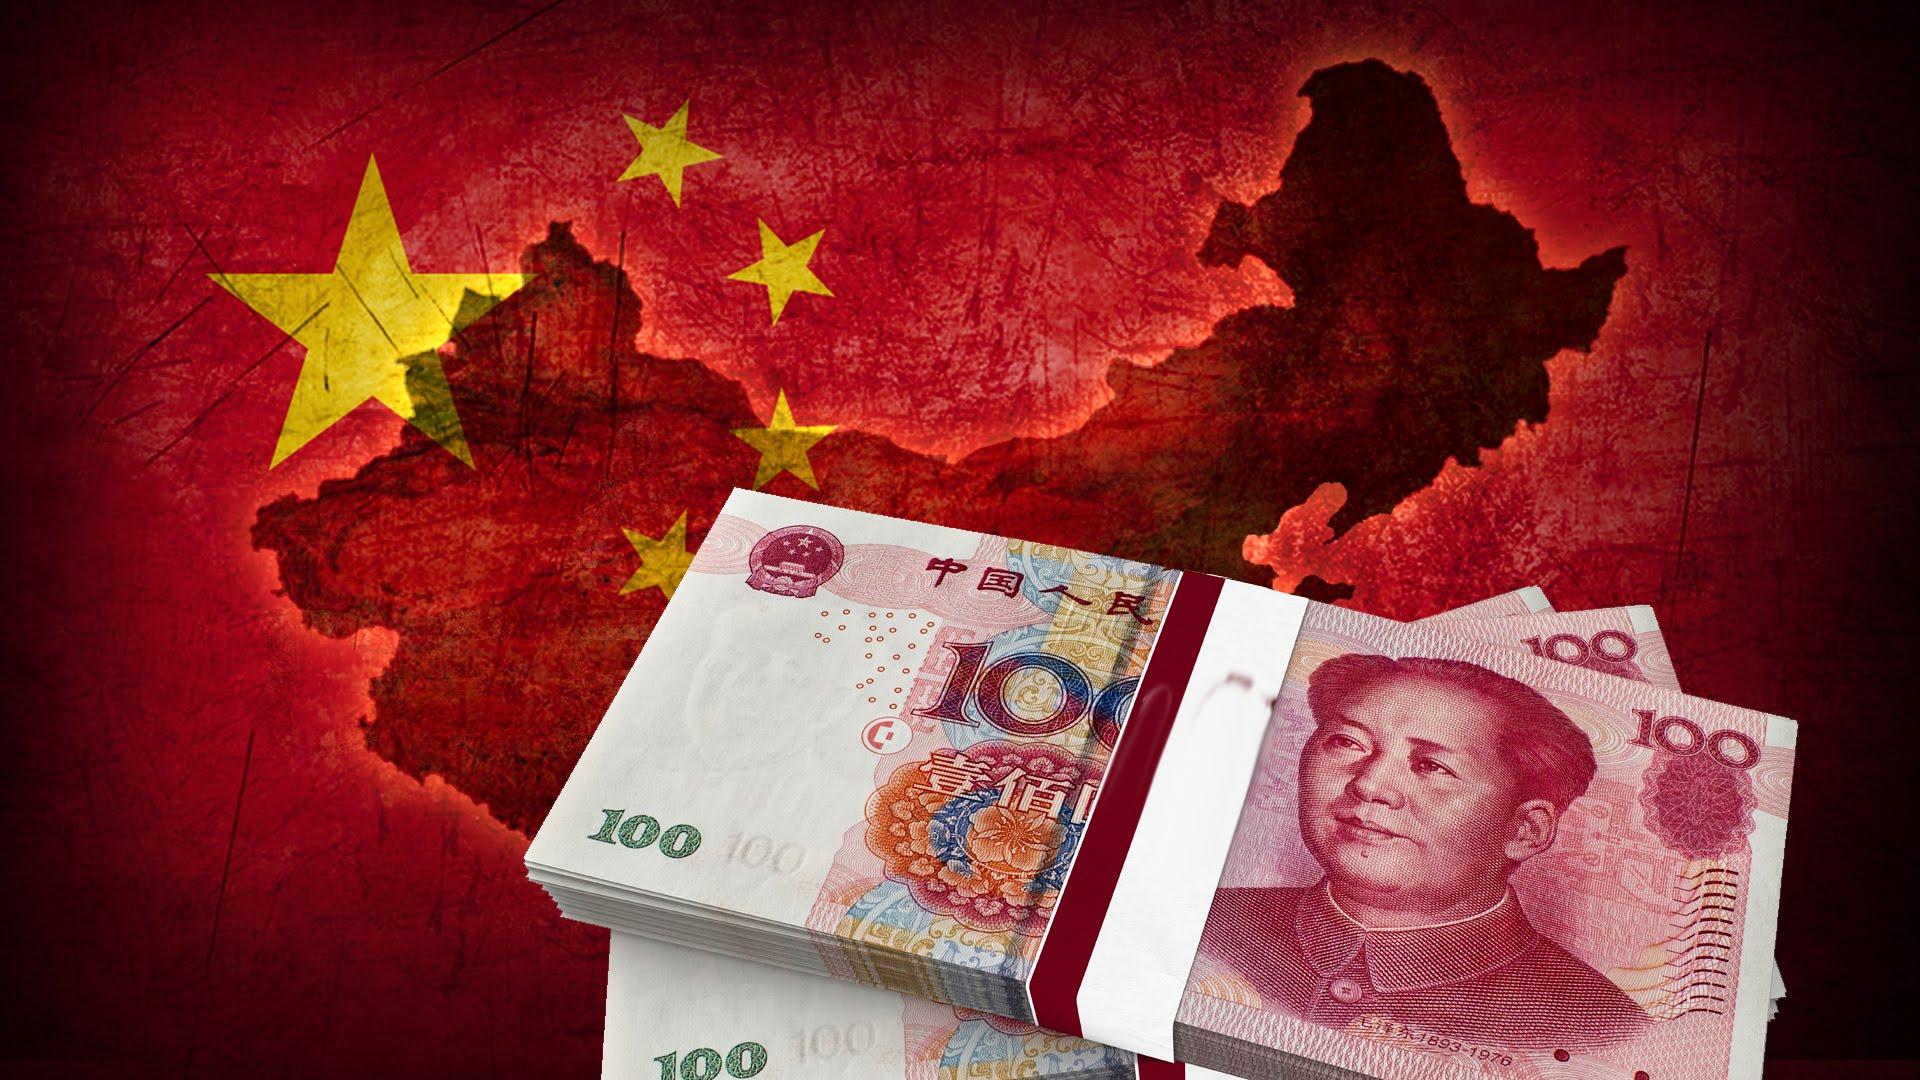 بحران در «کمونیسم زرد»؛ پکن تاوان چه چیزی را پس میدهد؟!